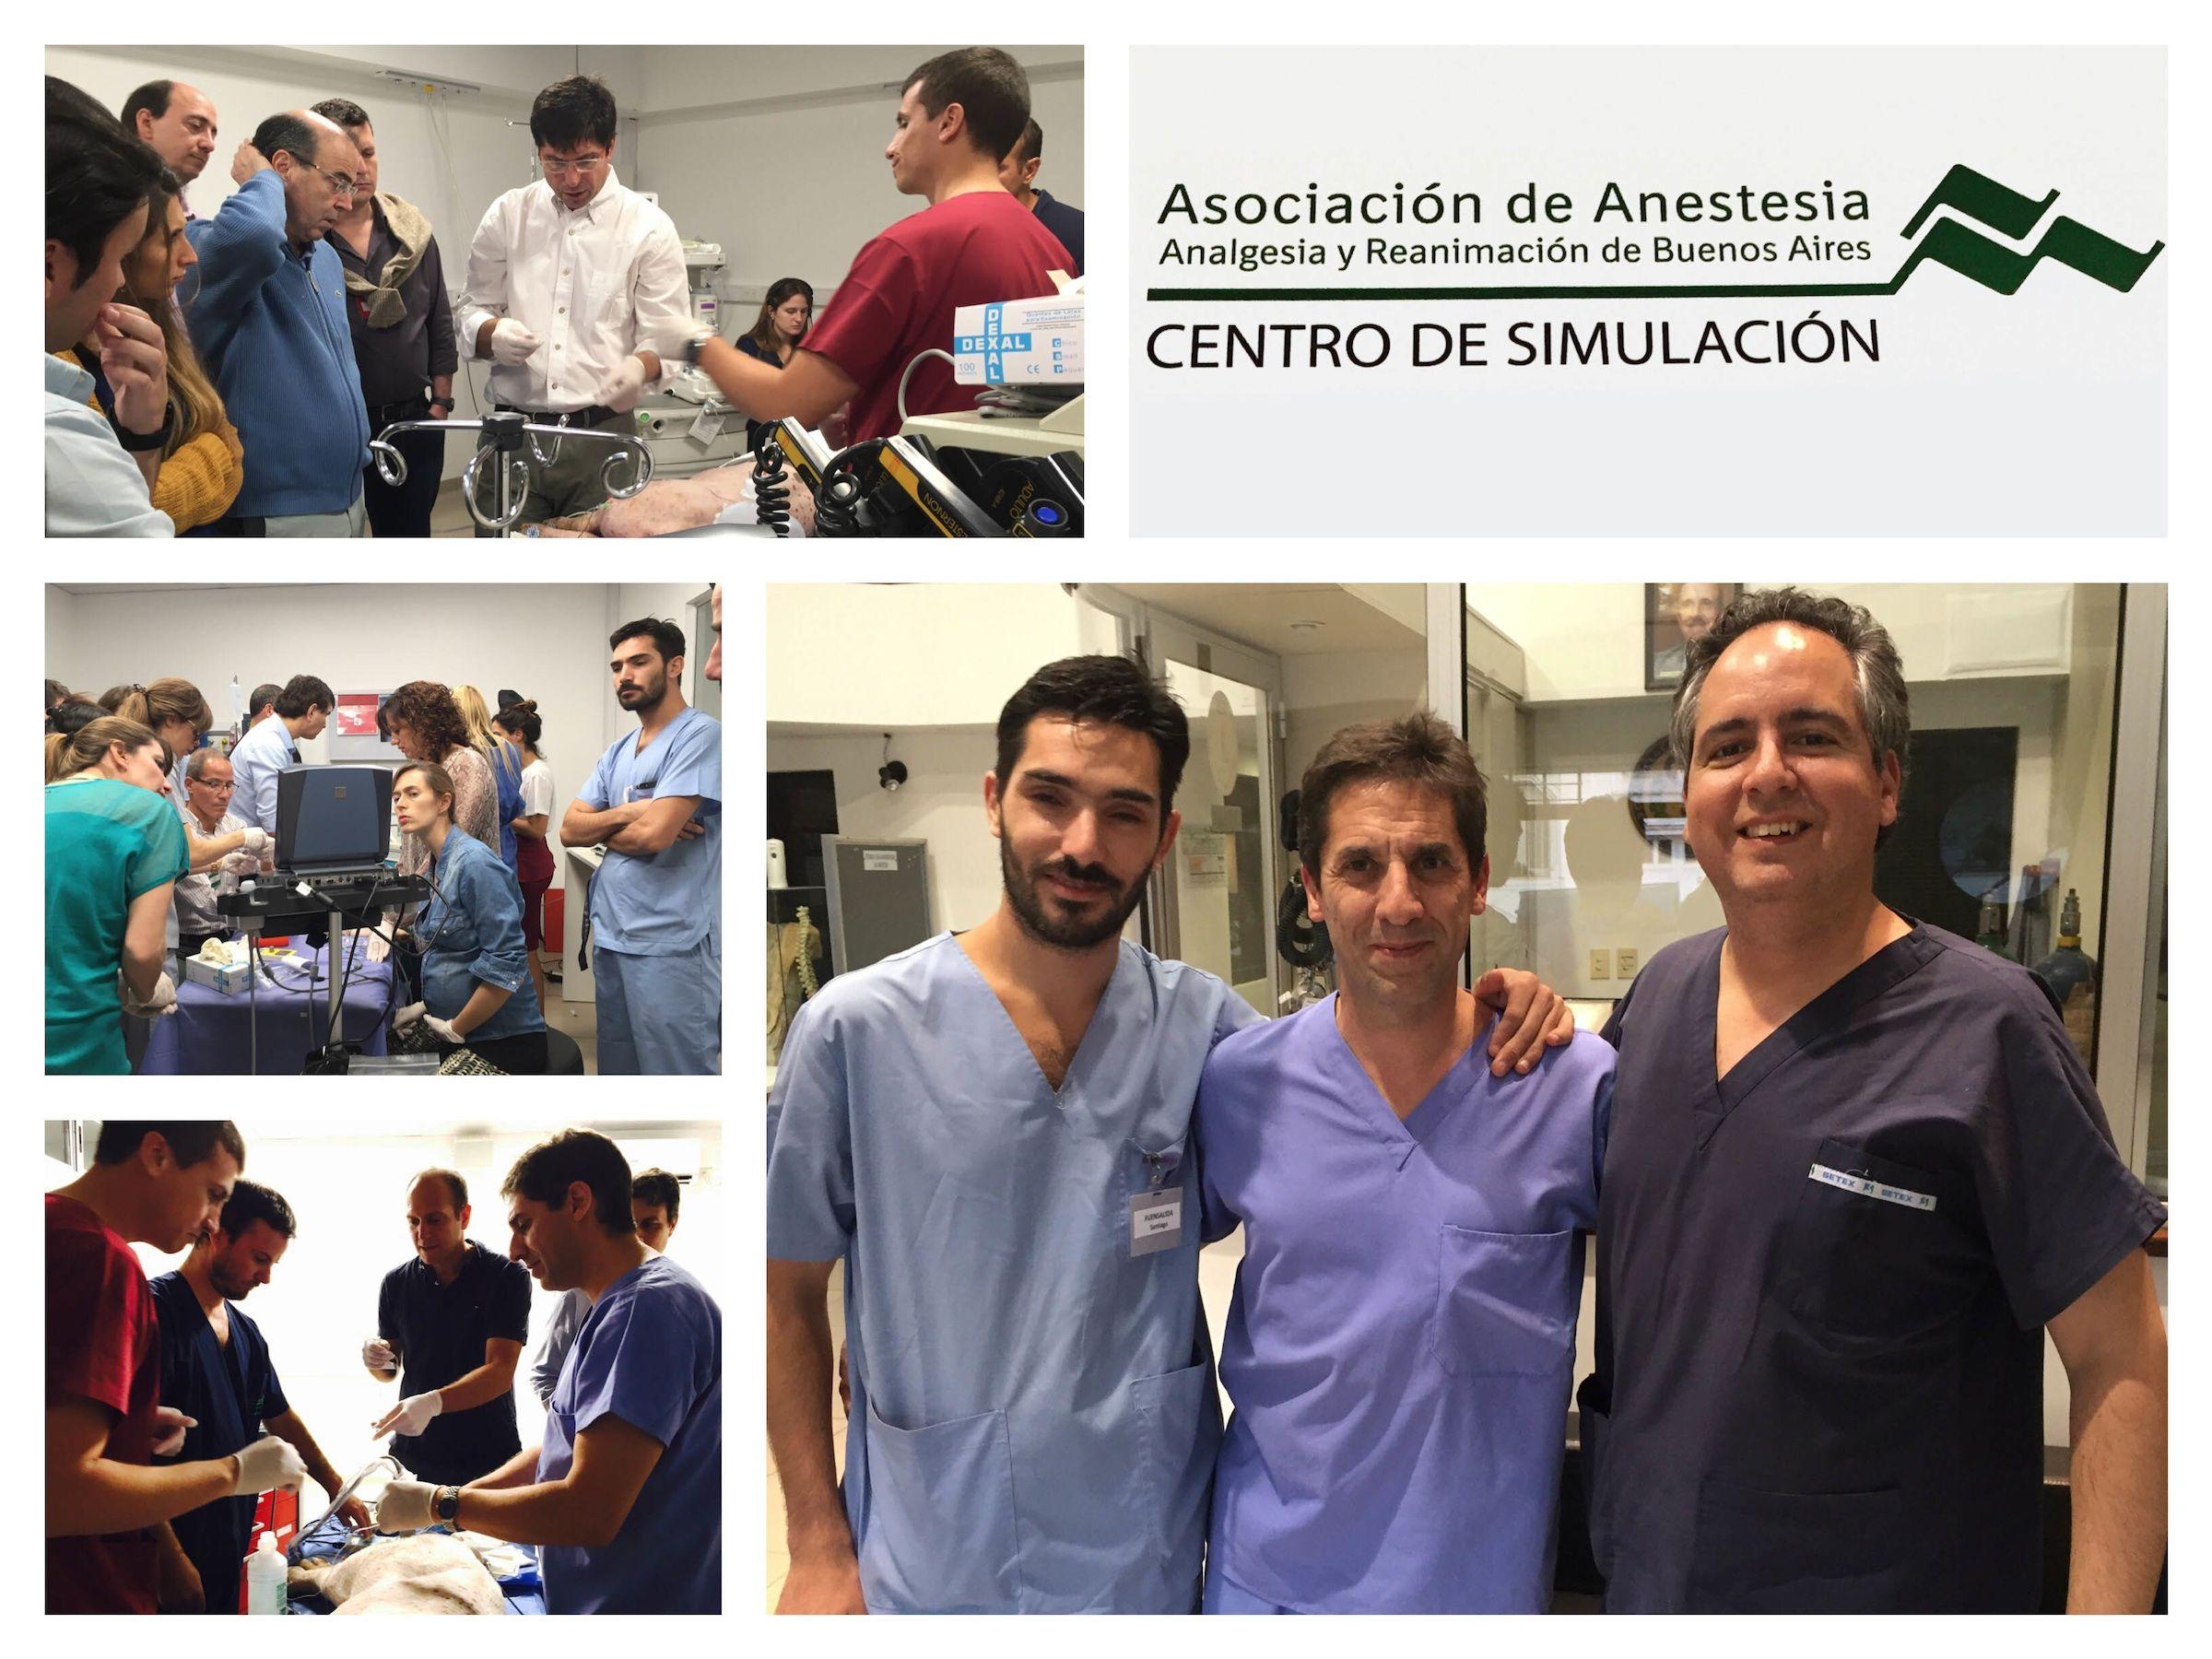 Redondo fue invitado como instructor en un curso de anestesia locorregional de la Asociación de Anestesia, Analgesia y Reanimación de Buenos Aires (AARBA), de medicina humana.